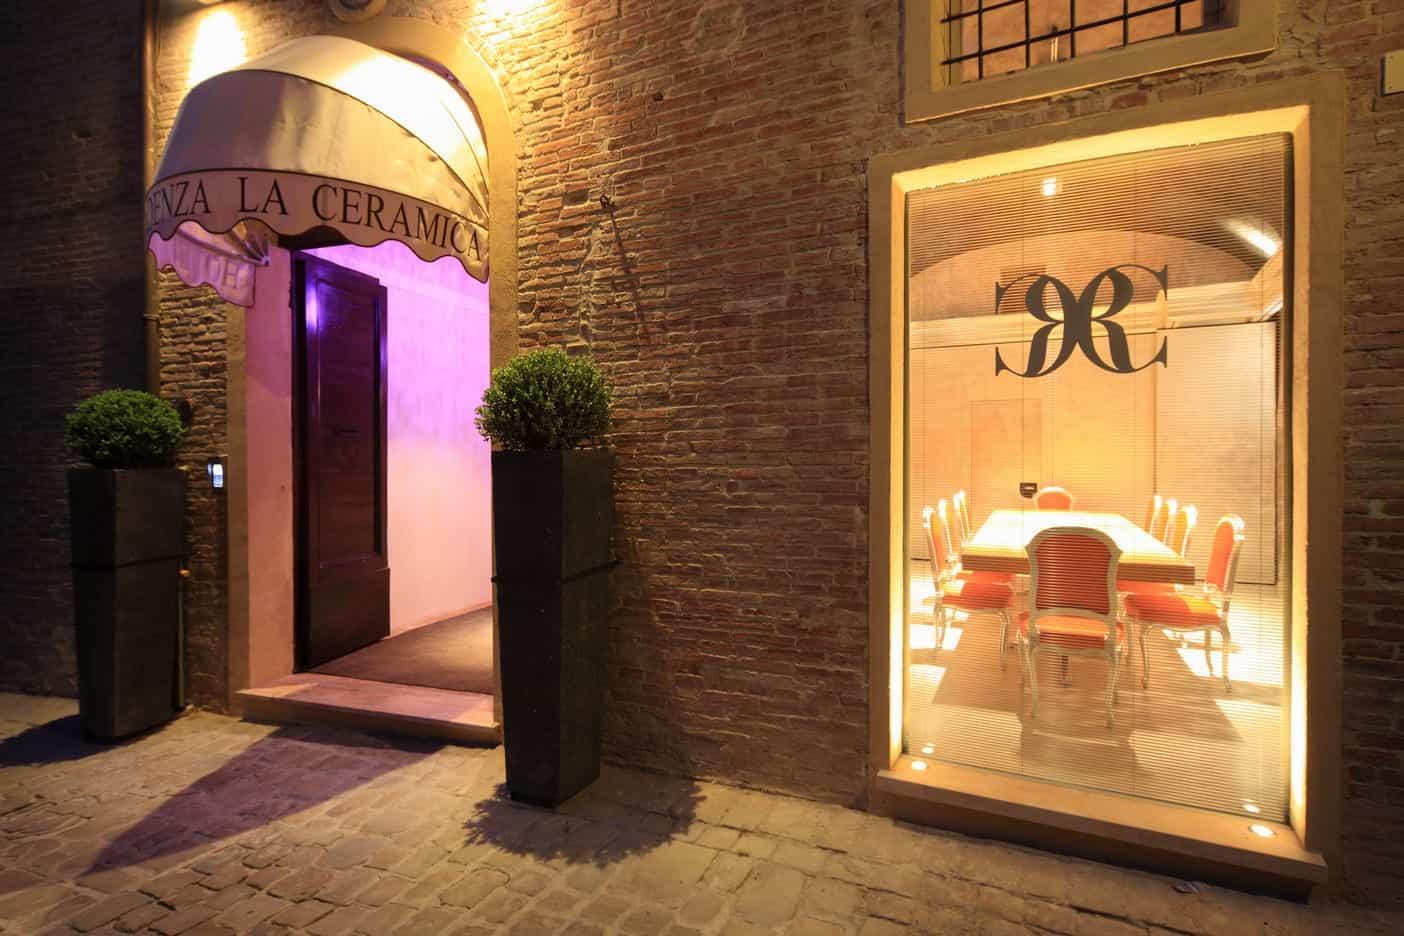 Offerte Hotel Fabriano Albergo centro pernottamento camere suite lavoro svago vacanza occasioni prezzo speciale scontato